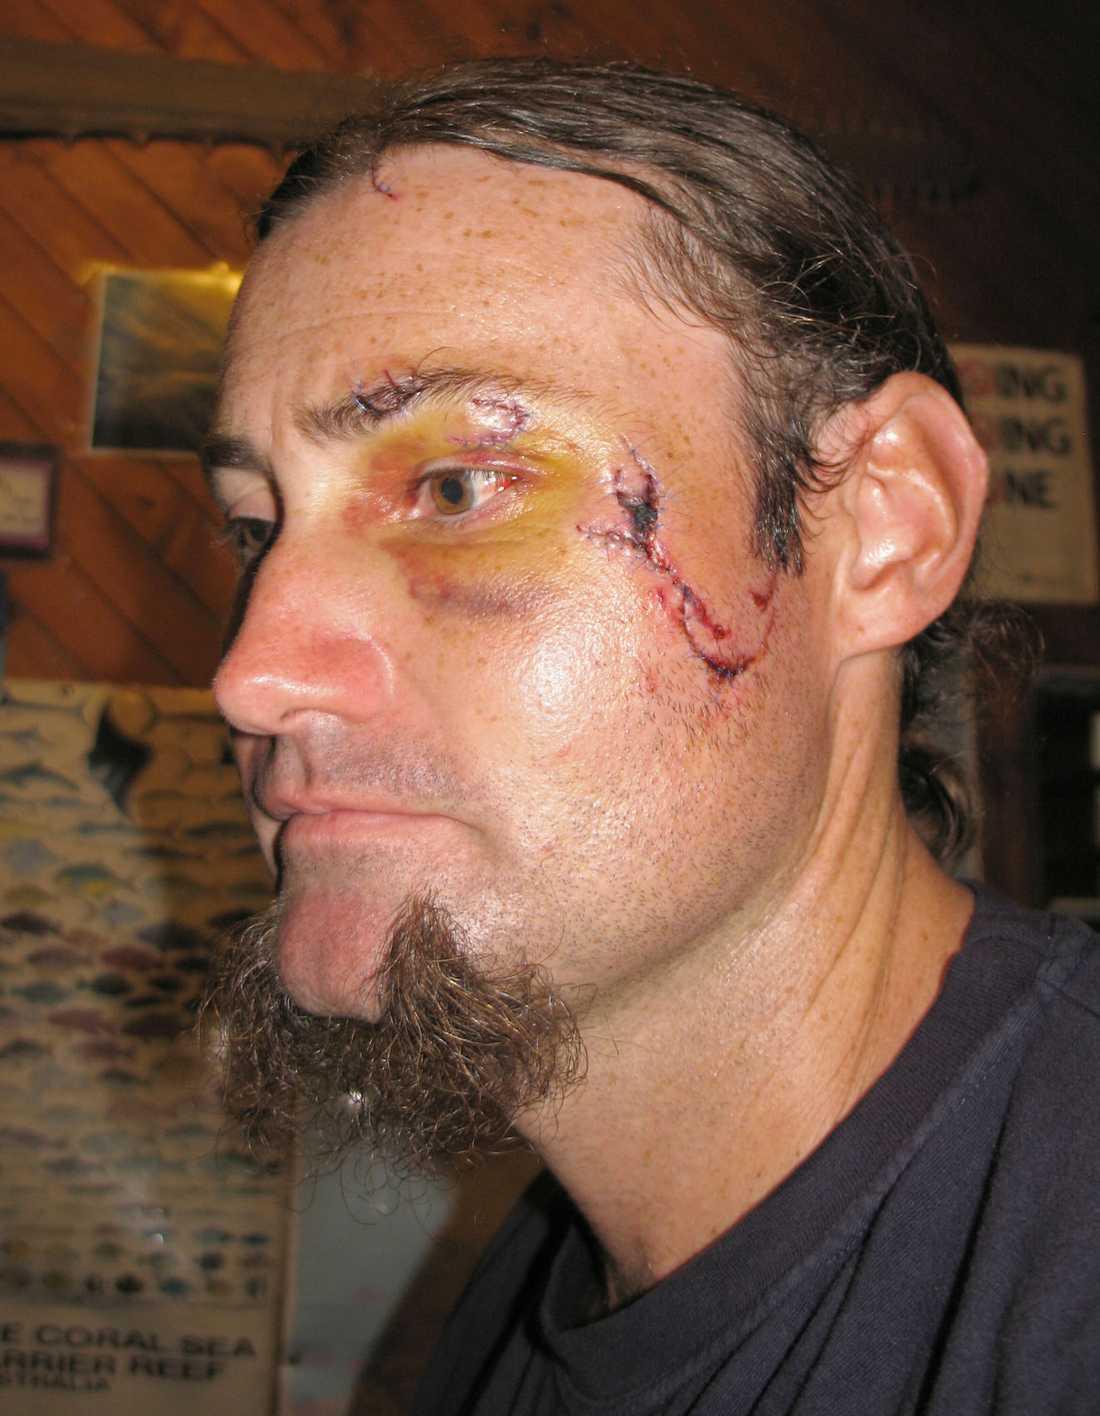 Matt Martin, 35, fick sys med 40 stygn i ansiktet efter krokodilattacken.Foto: AFP